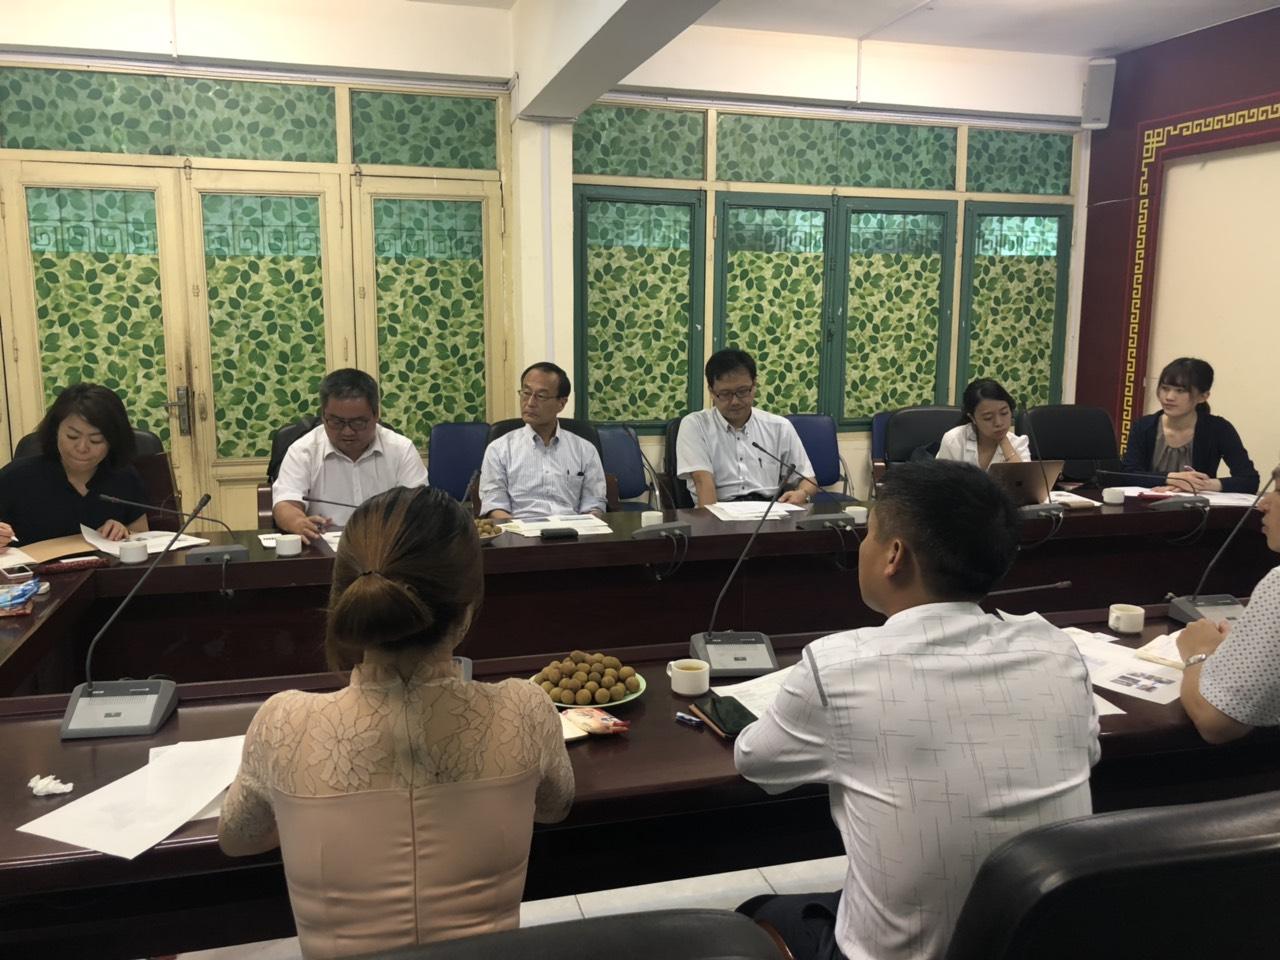 Trung tâm Tư vấn và Công nghệ Môi trường phối hợp với Tổ chức JICA Việt Nam và Trung tâm Hợp tác Môi trường Quốc tế Nhật Bản (OECC) tiến hành khảo sát thí điểm tại Quảng Nam, Đà Nẵng